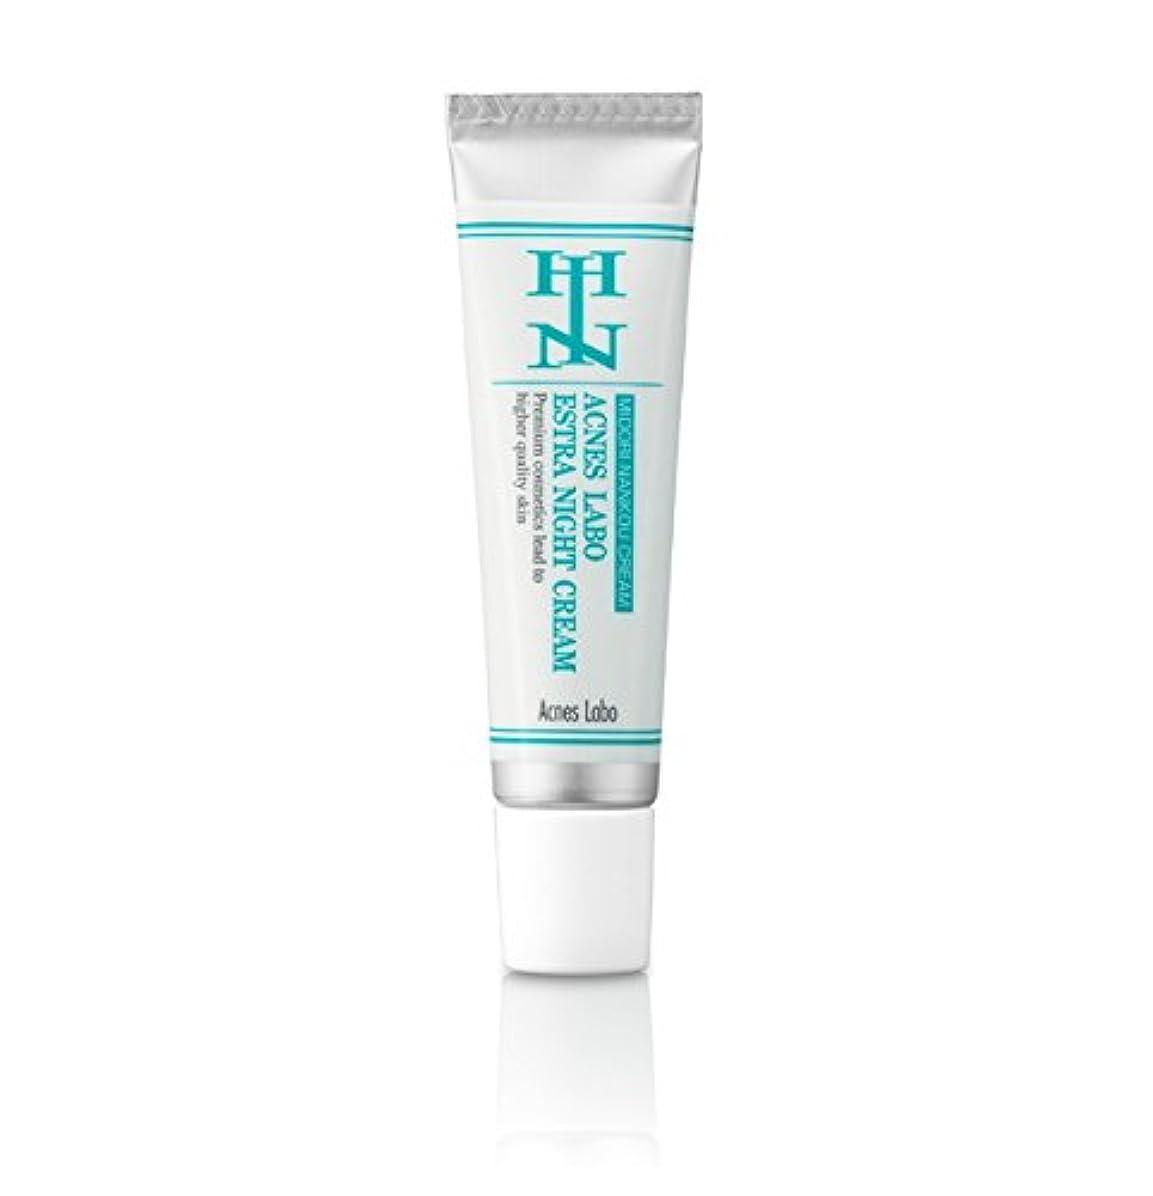 HINアクネスラボ 薬用エストラナイトクリーム